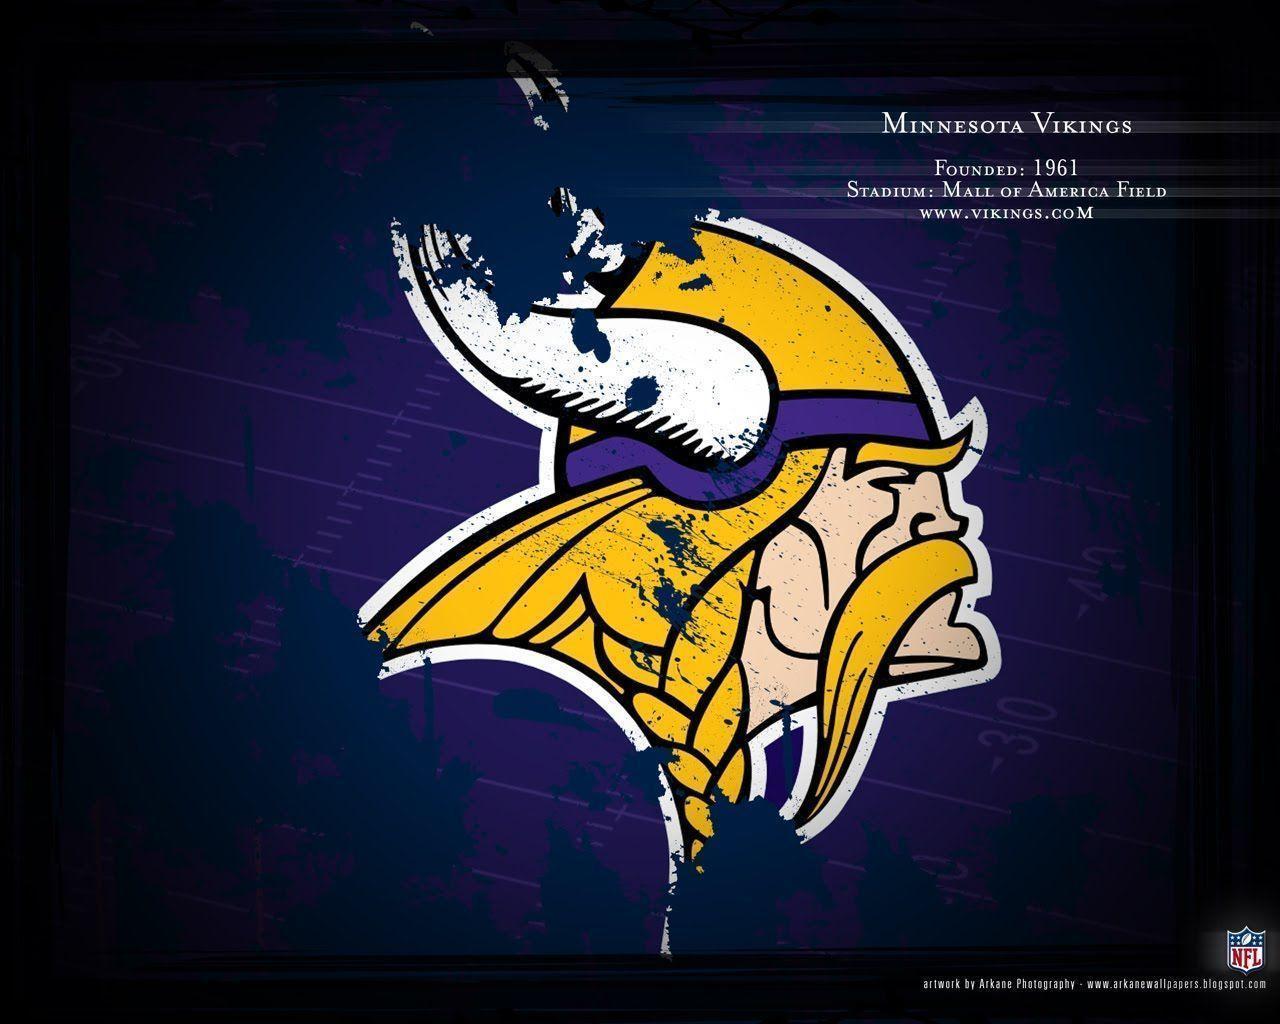 Minnesota Vikings Wallpapers For Desktop - Wallpaper Cave